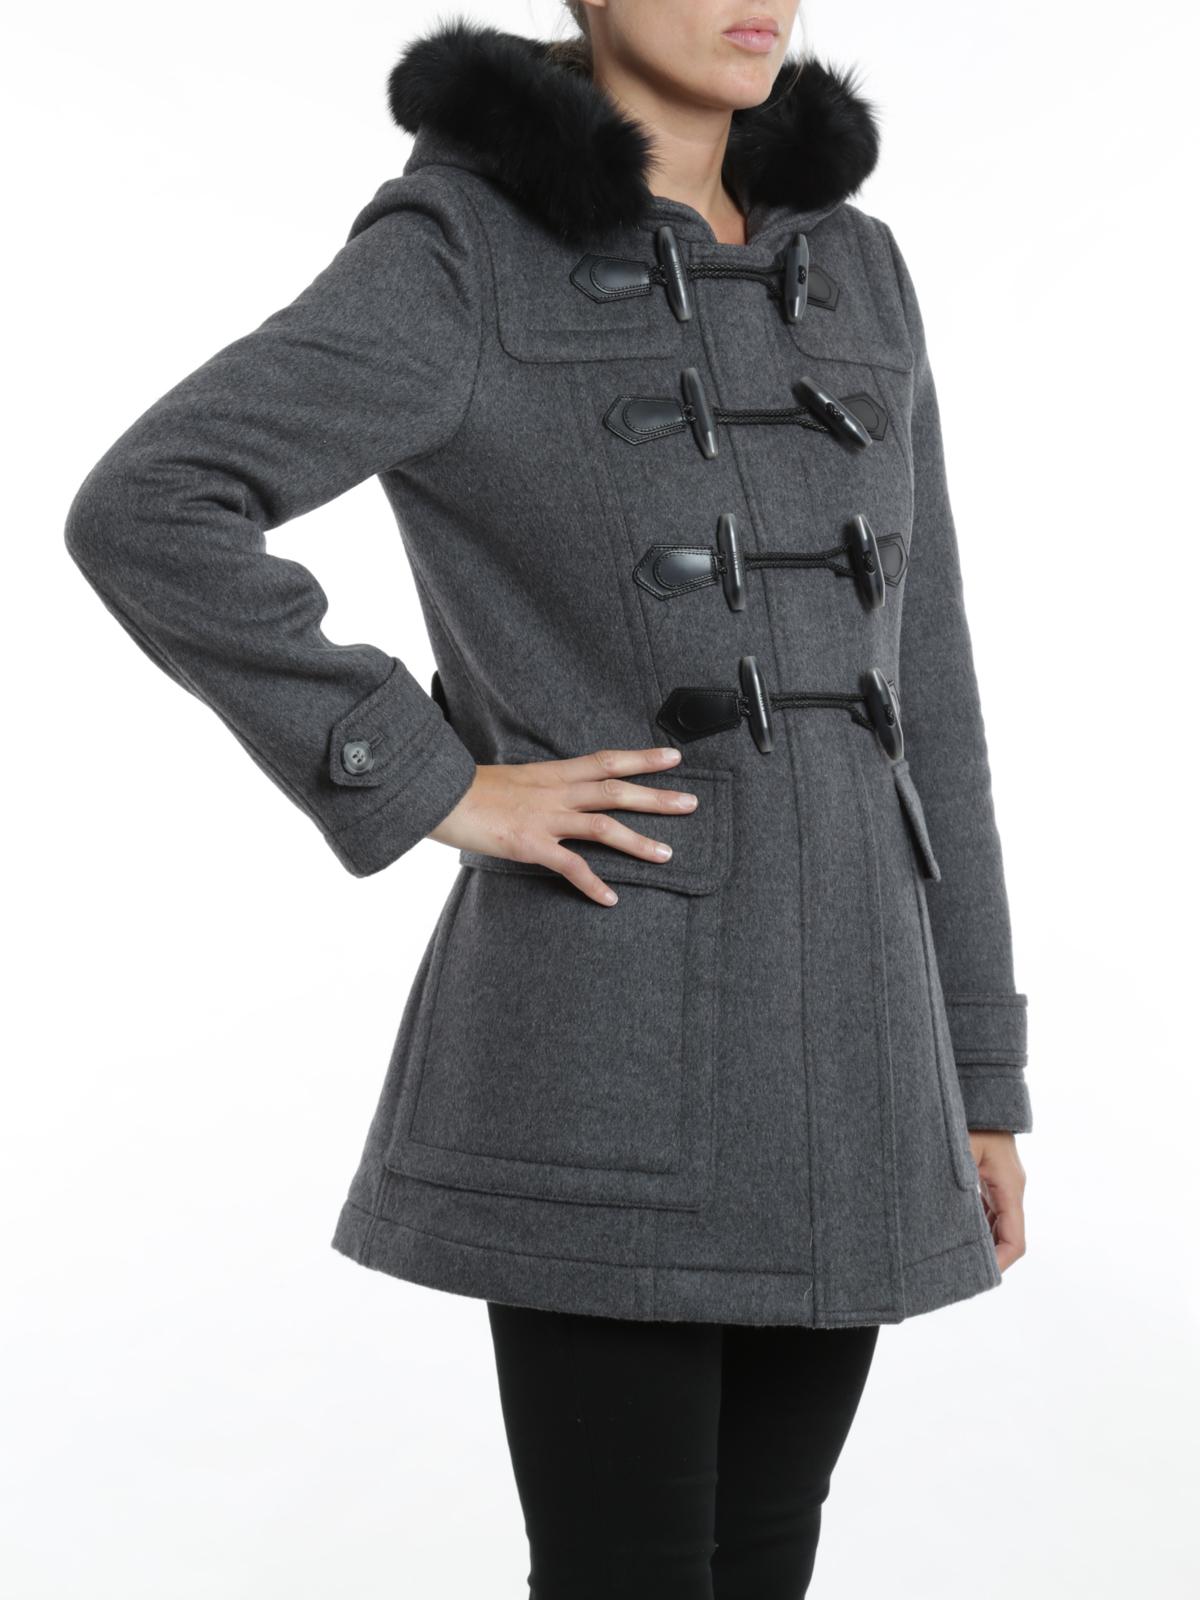 Burberry mantel damen dufflecoat